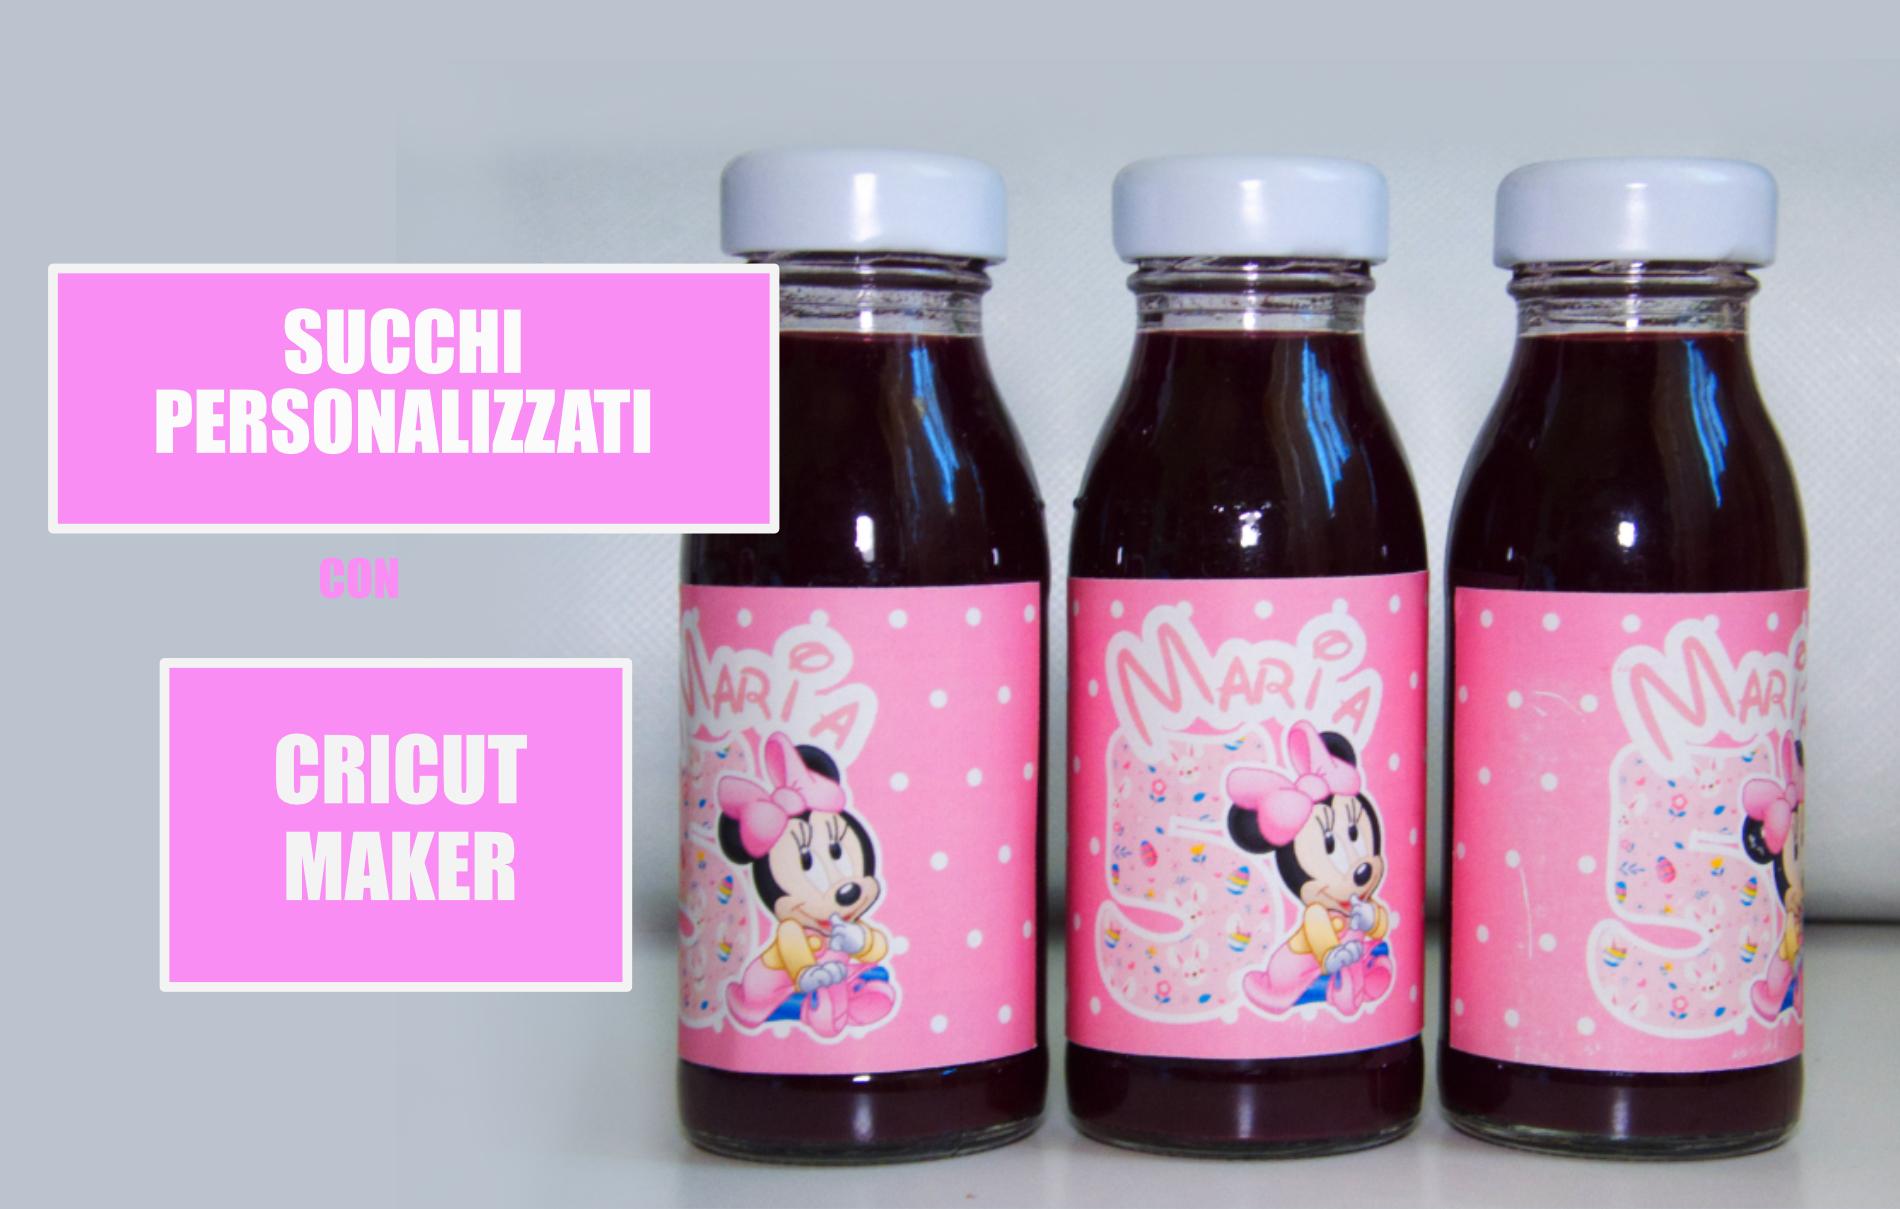 succhi di frutta personalizzati cricut